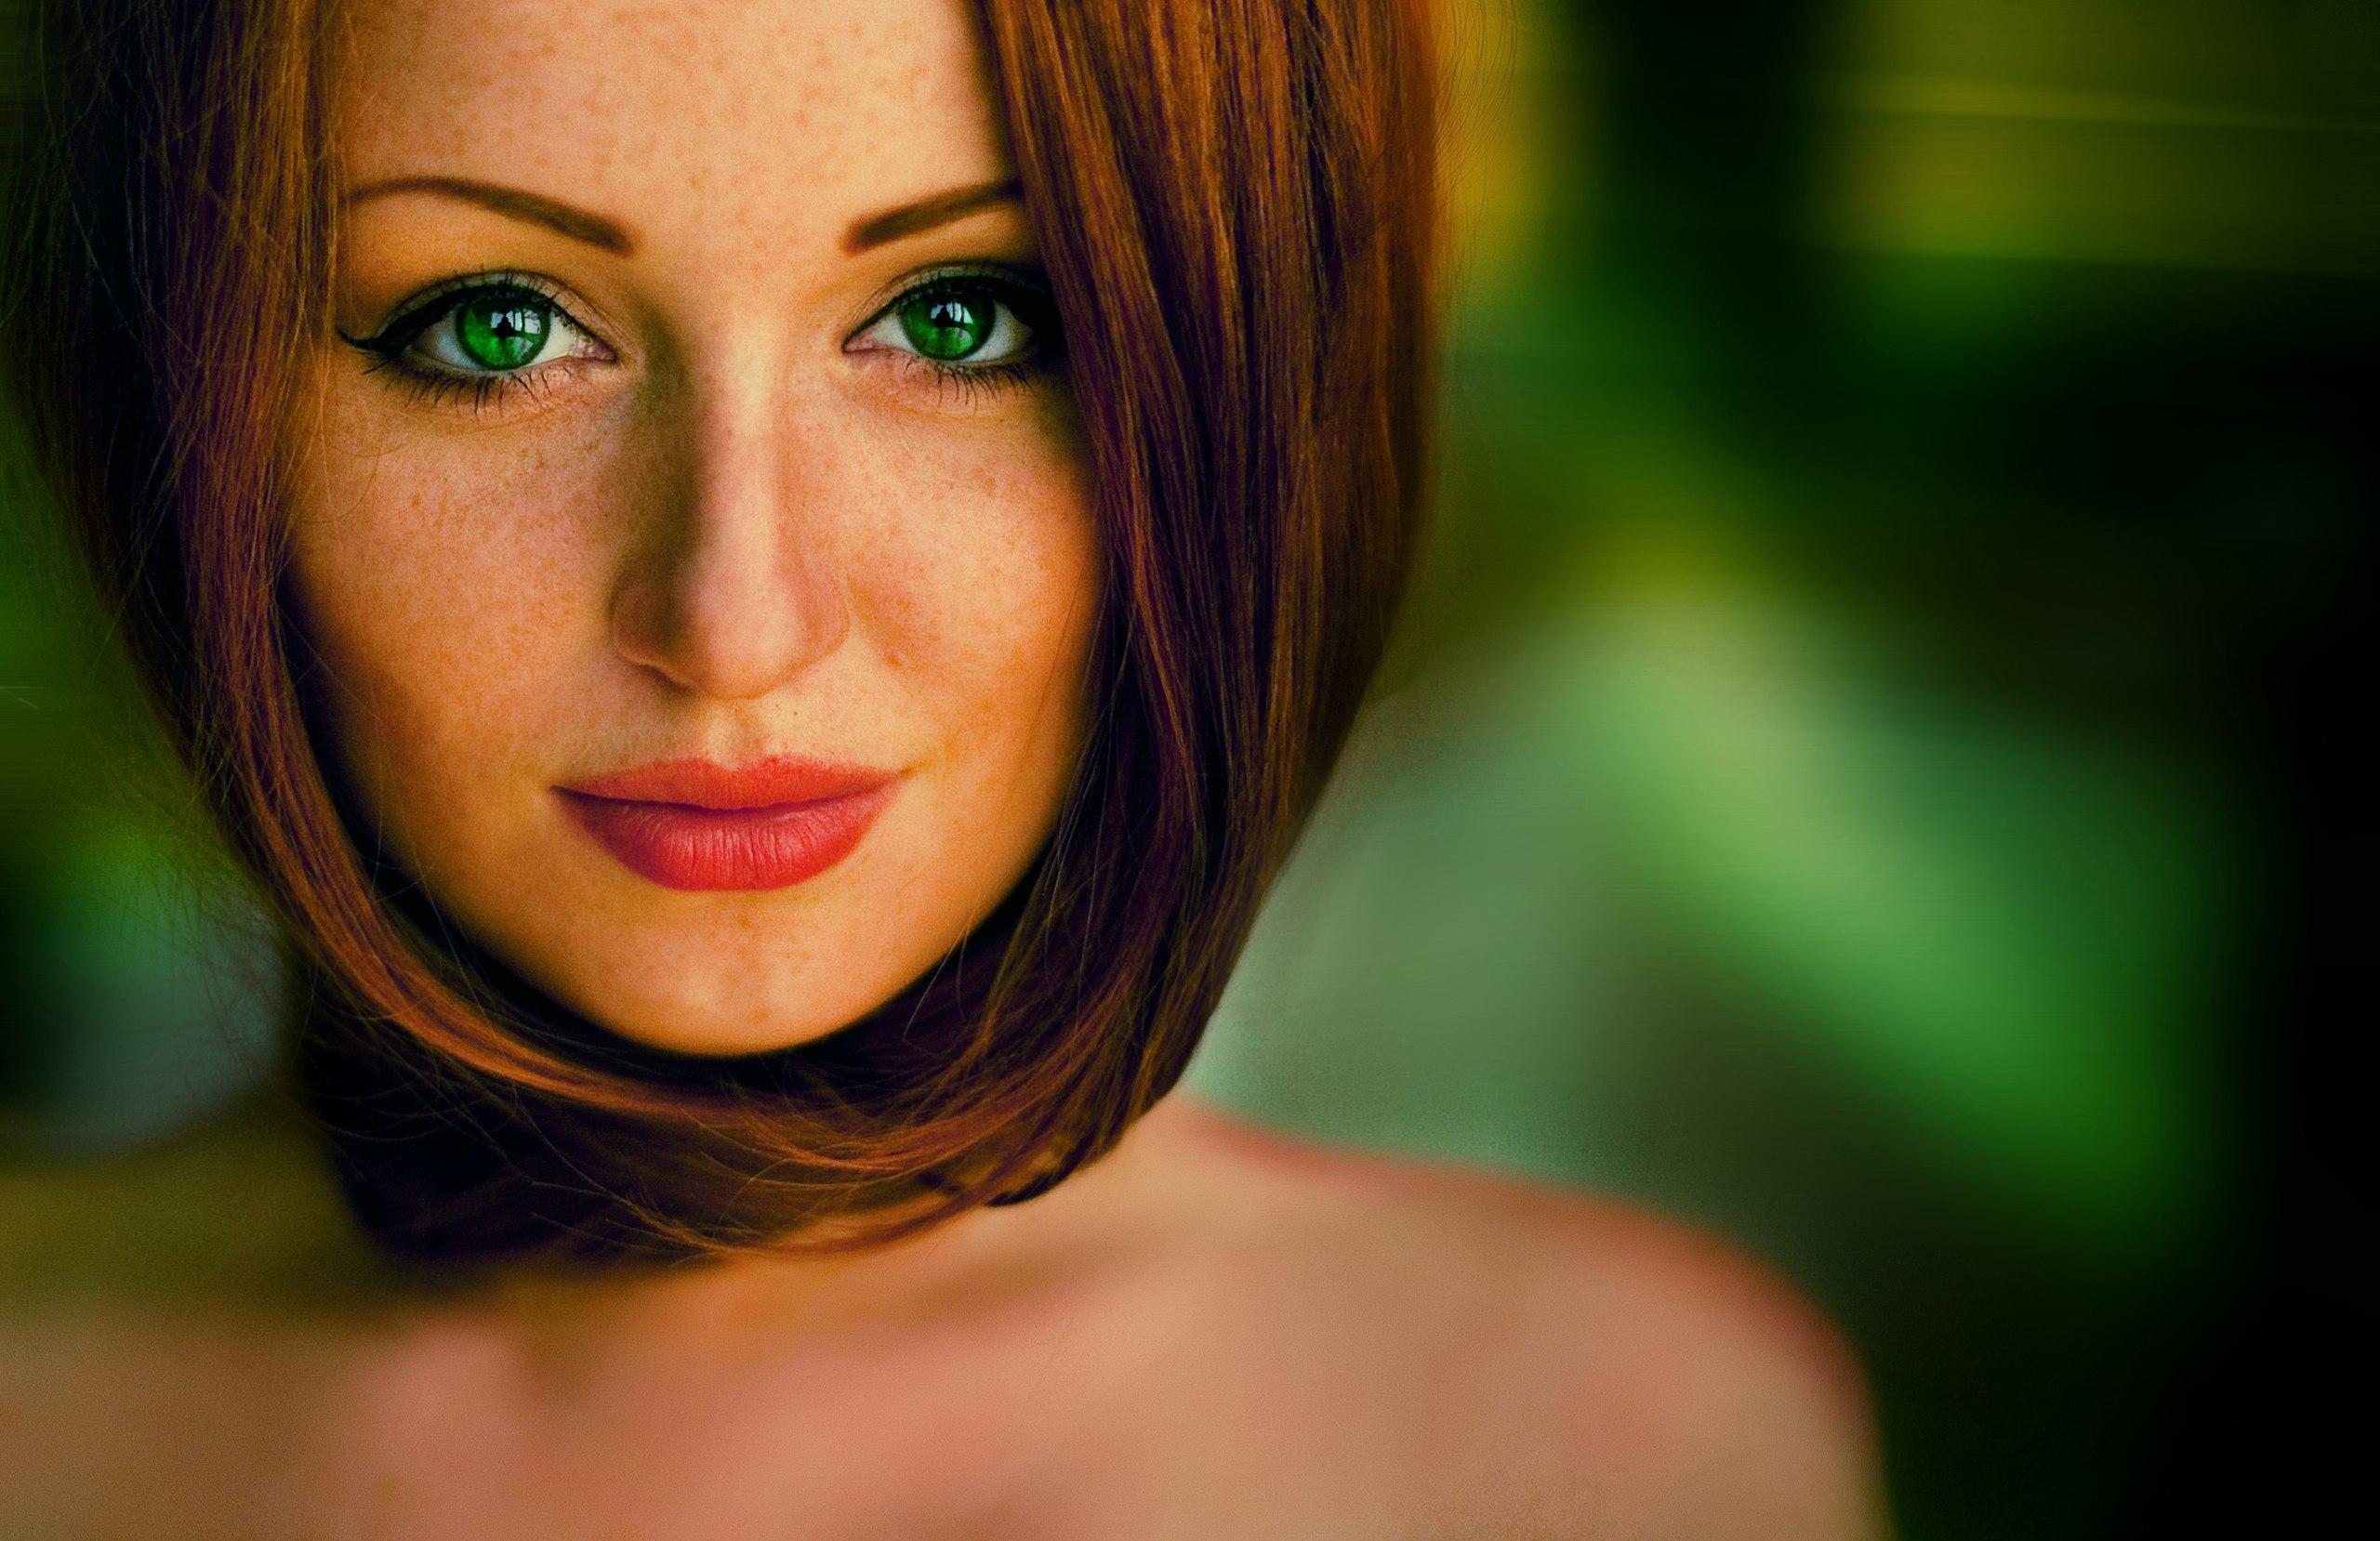 Фото красивых девушек с рыжими волосами и зелеными глазами 12 фотография